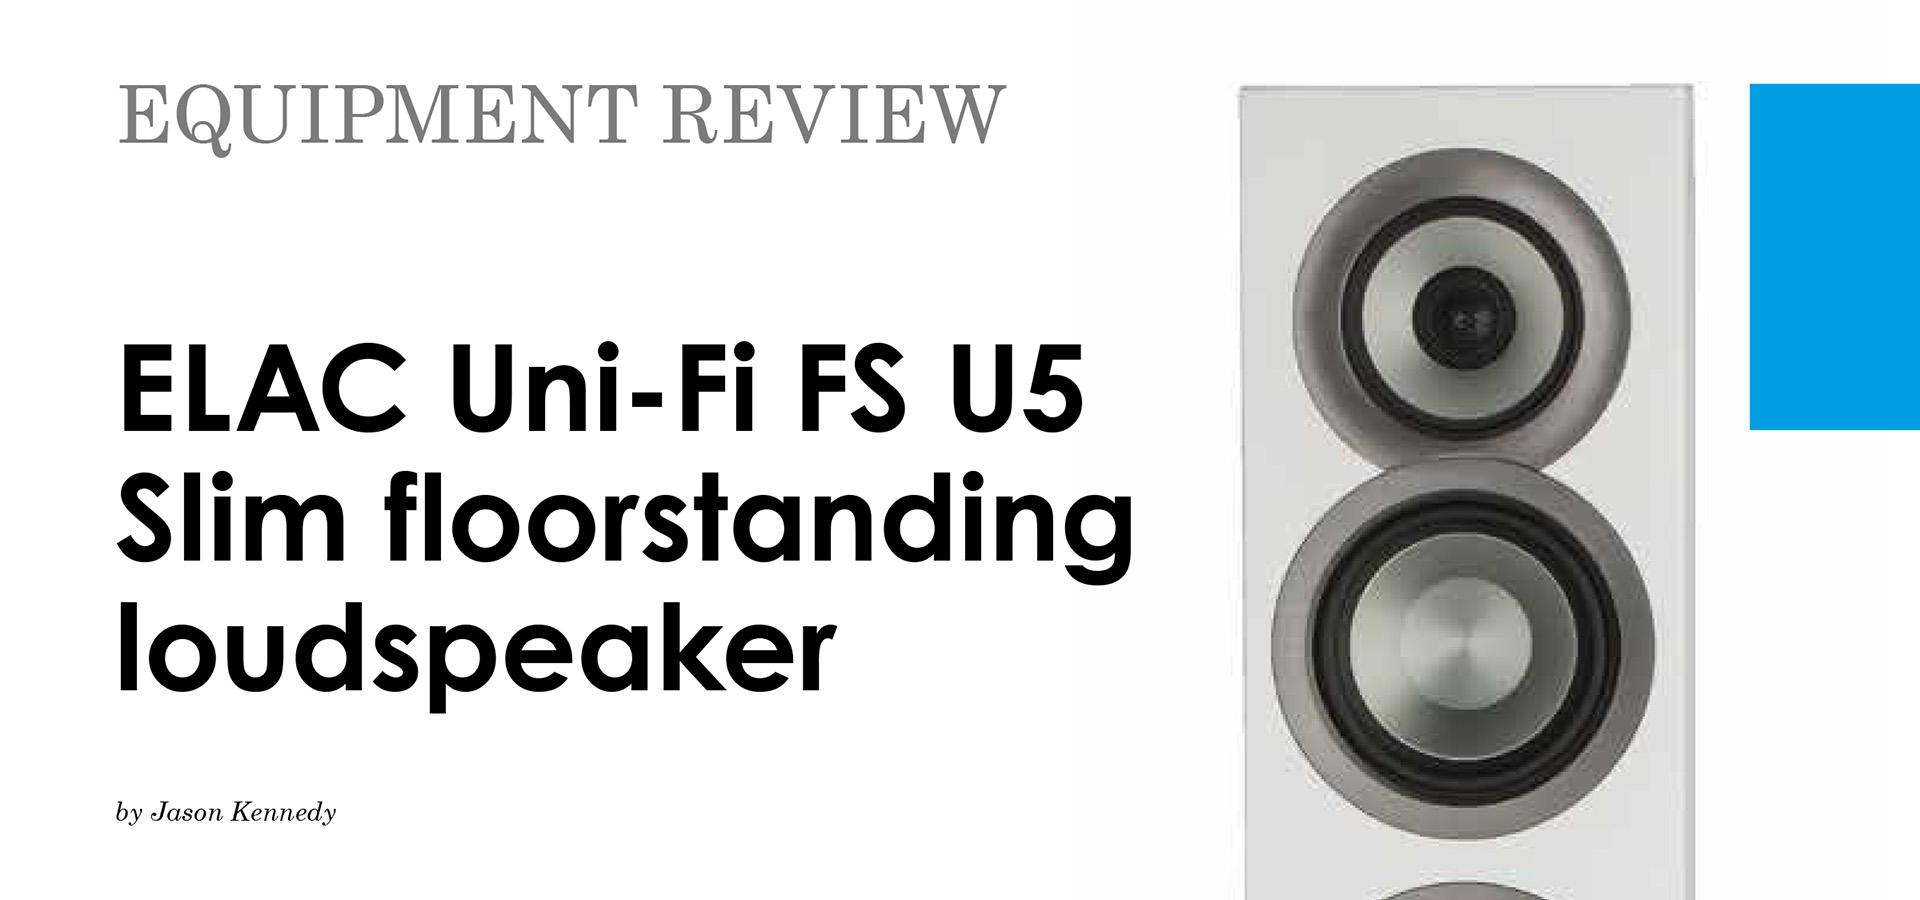 Джейсон Кеннеди дал весьма лестную оценку напольникам ELAC FS U5 Slim